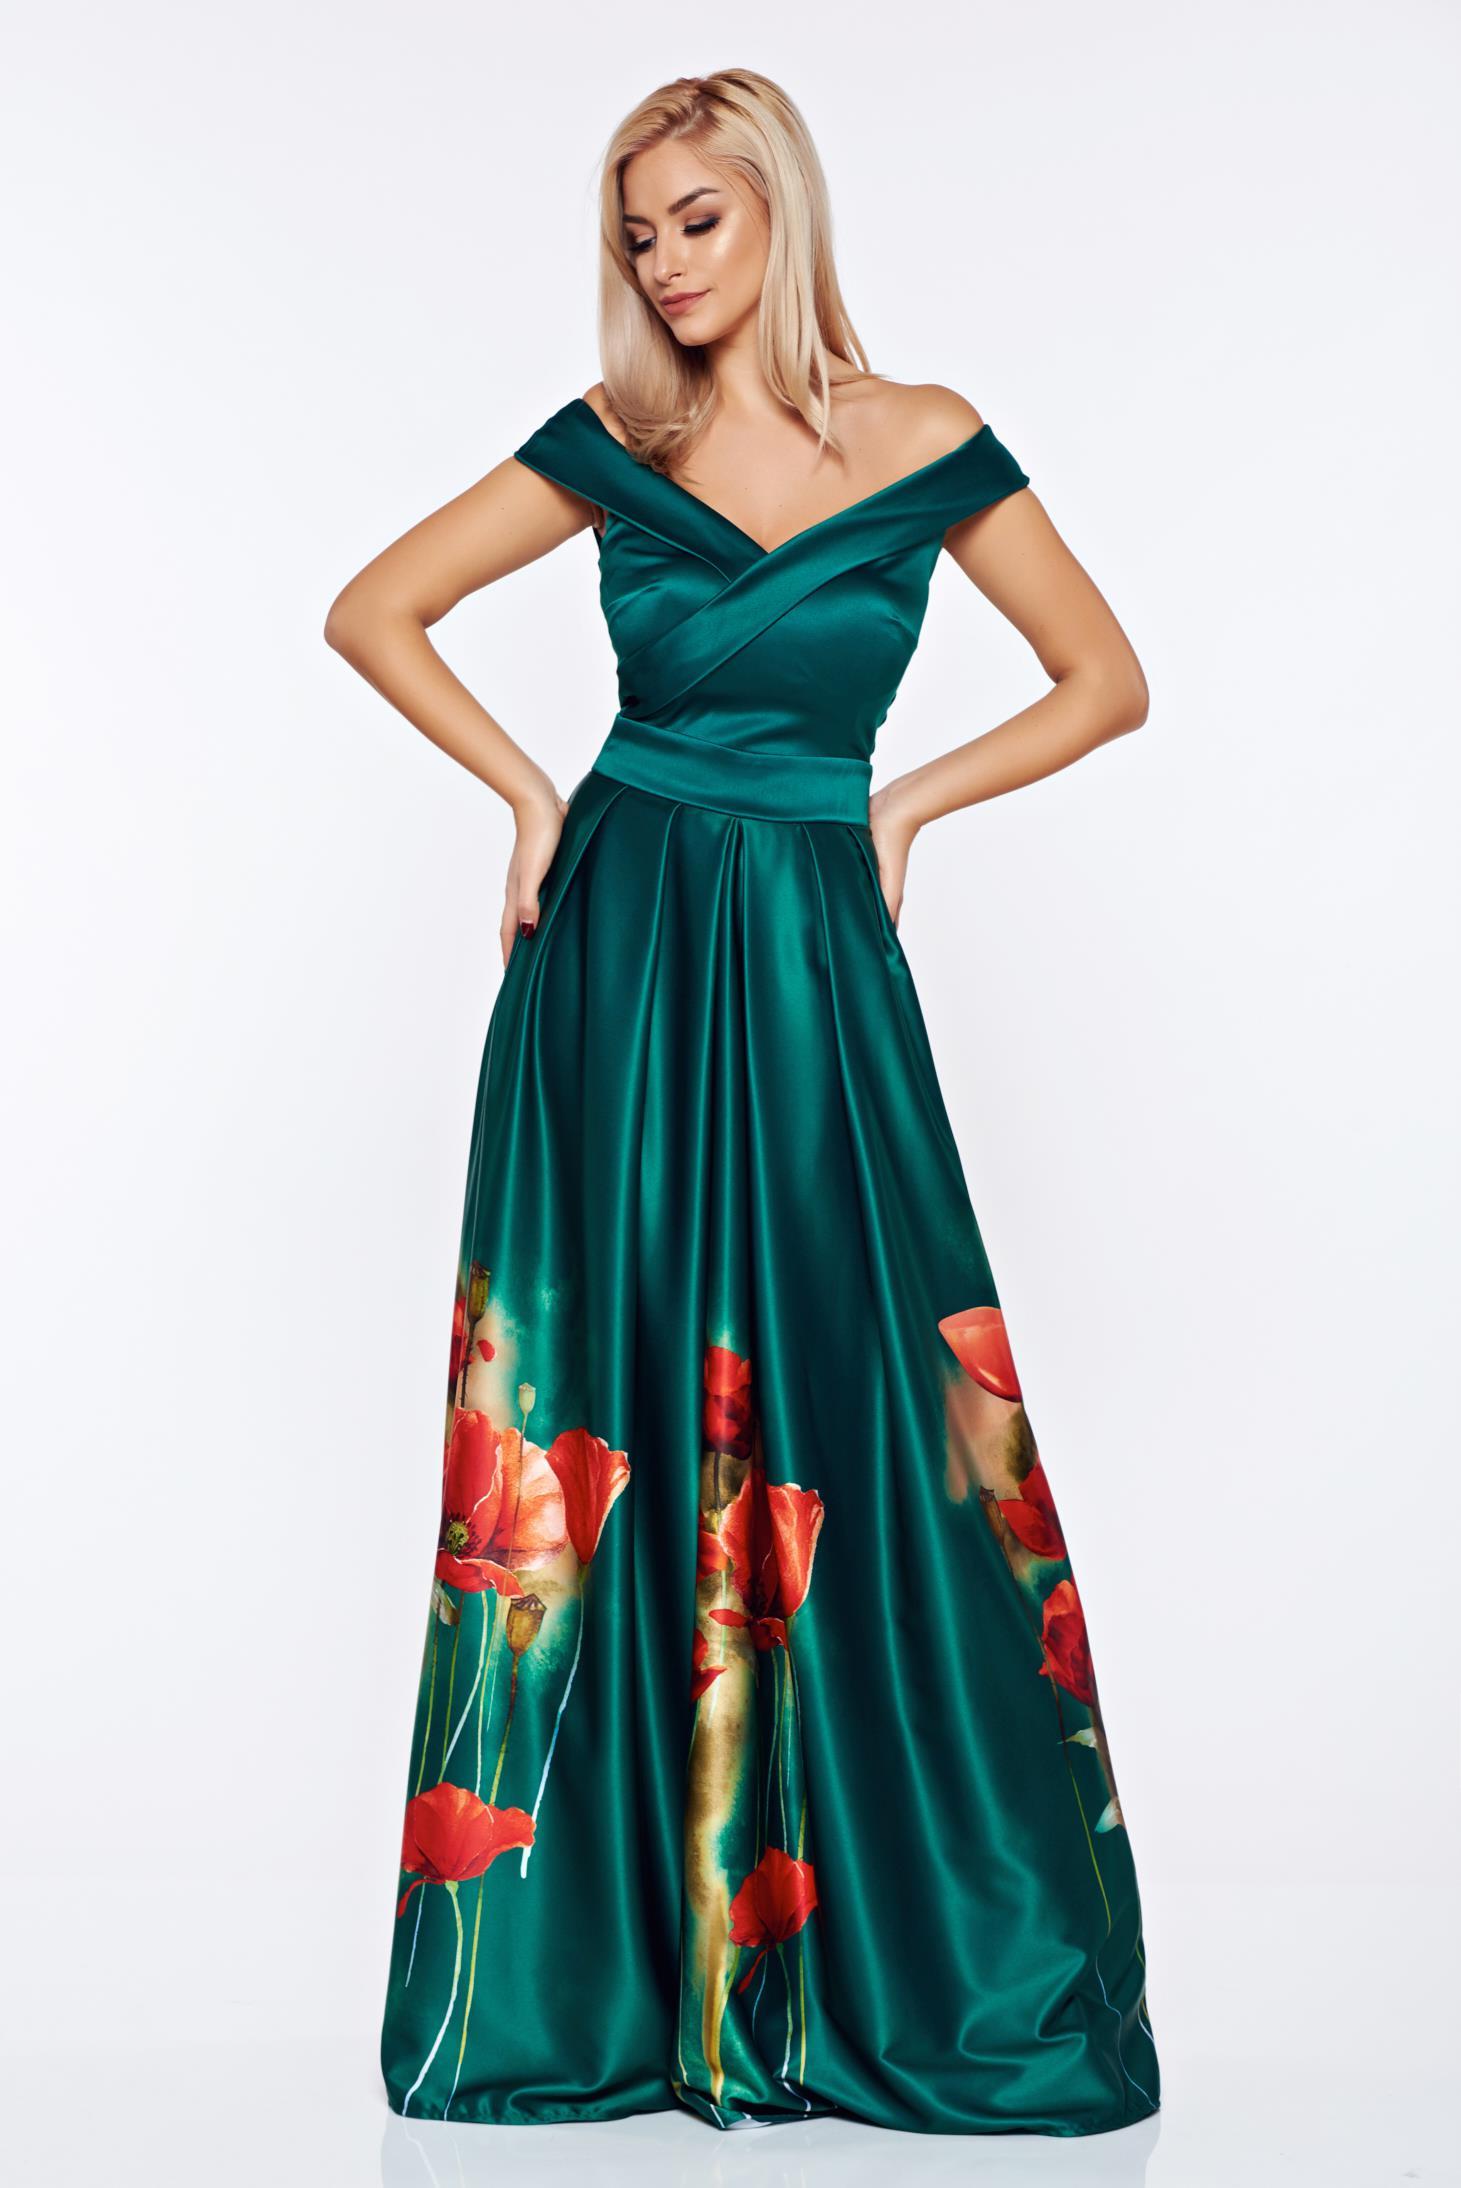 Zöld Artista alkalmi ruha szatén anyagból virágmintás díszítéssel 4f211c68f4